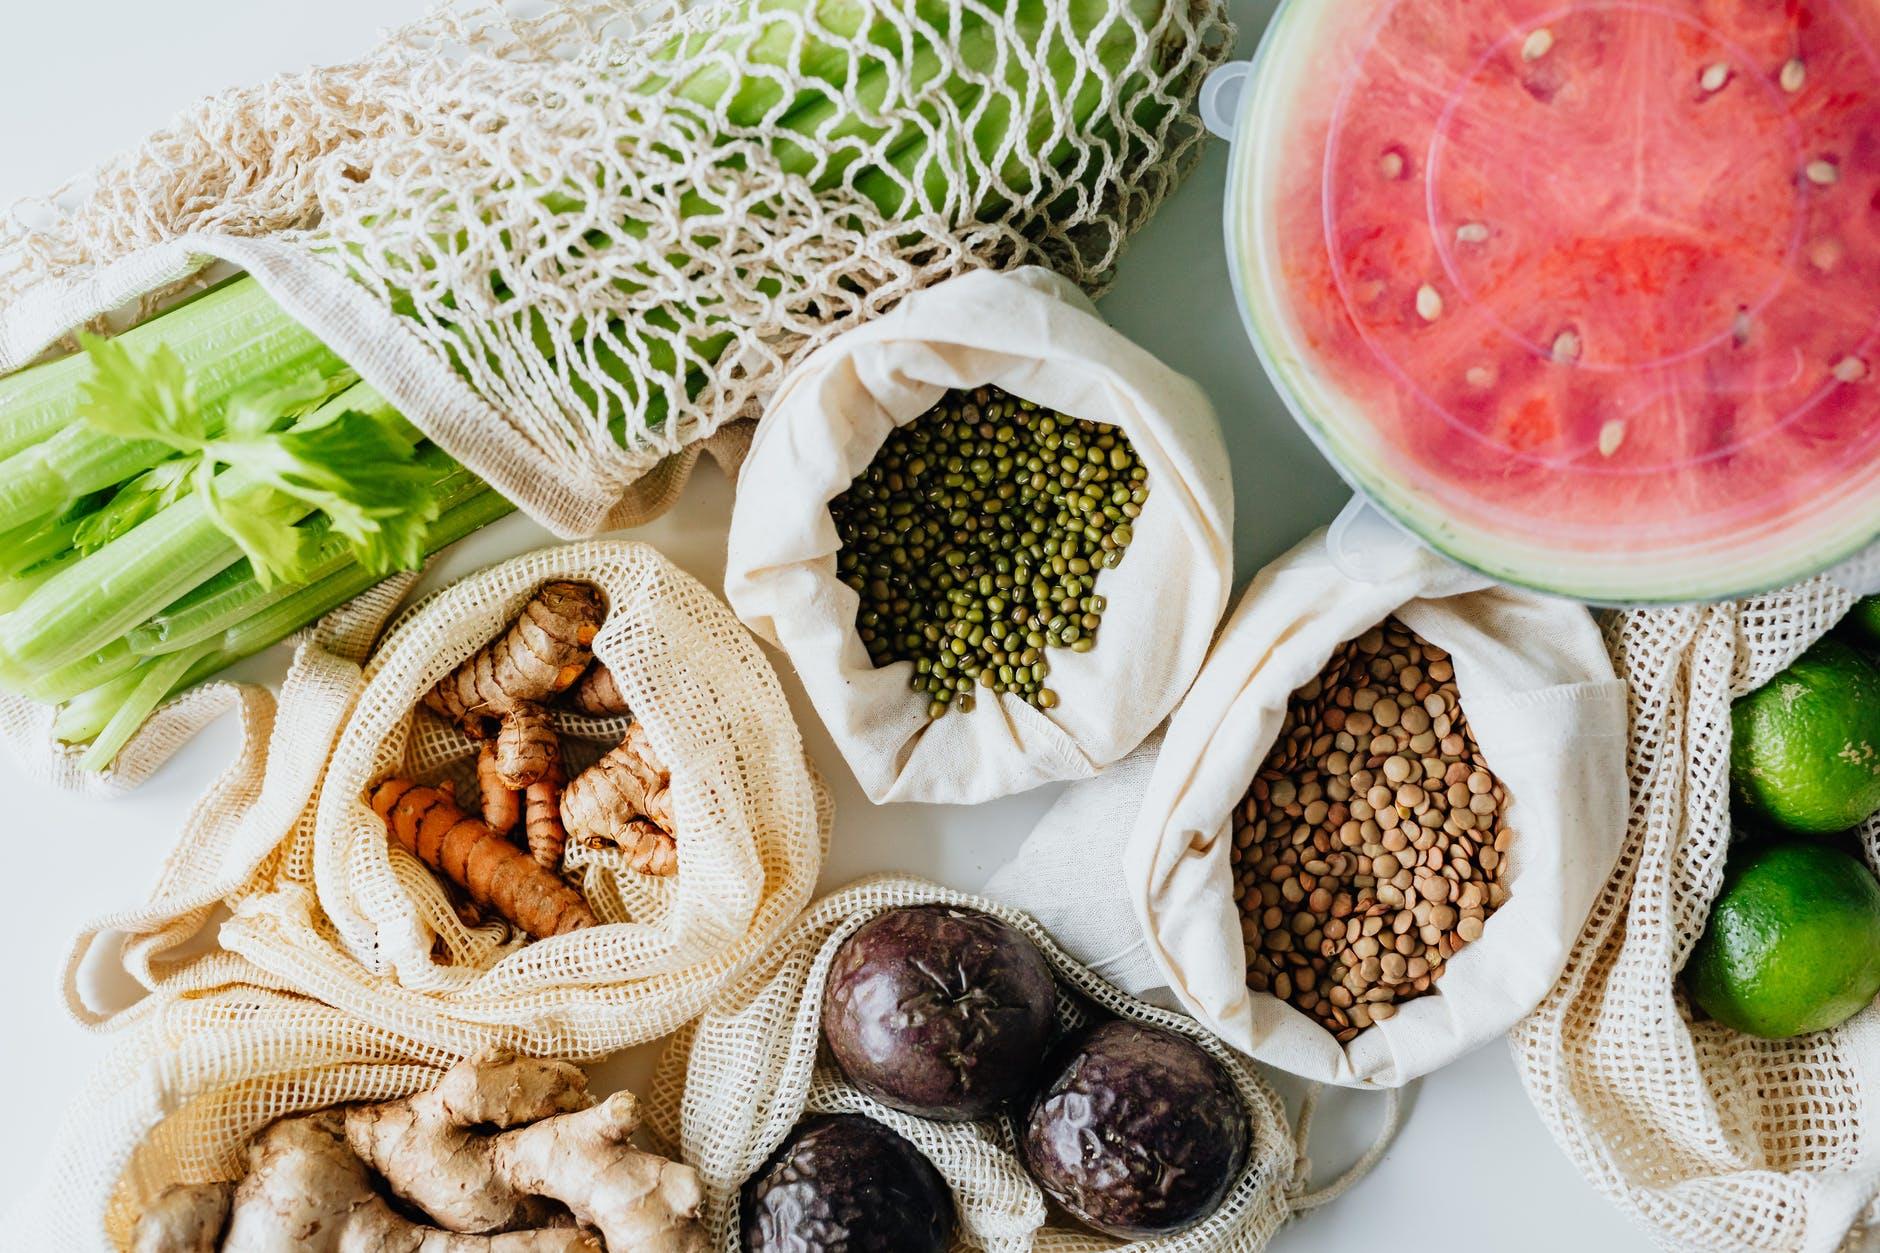 cele mai bune diete de slabit pe termen lung